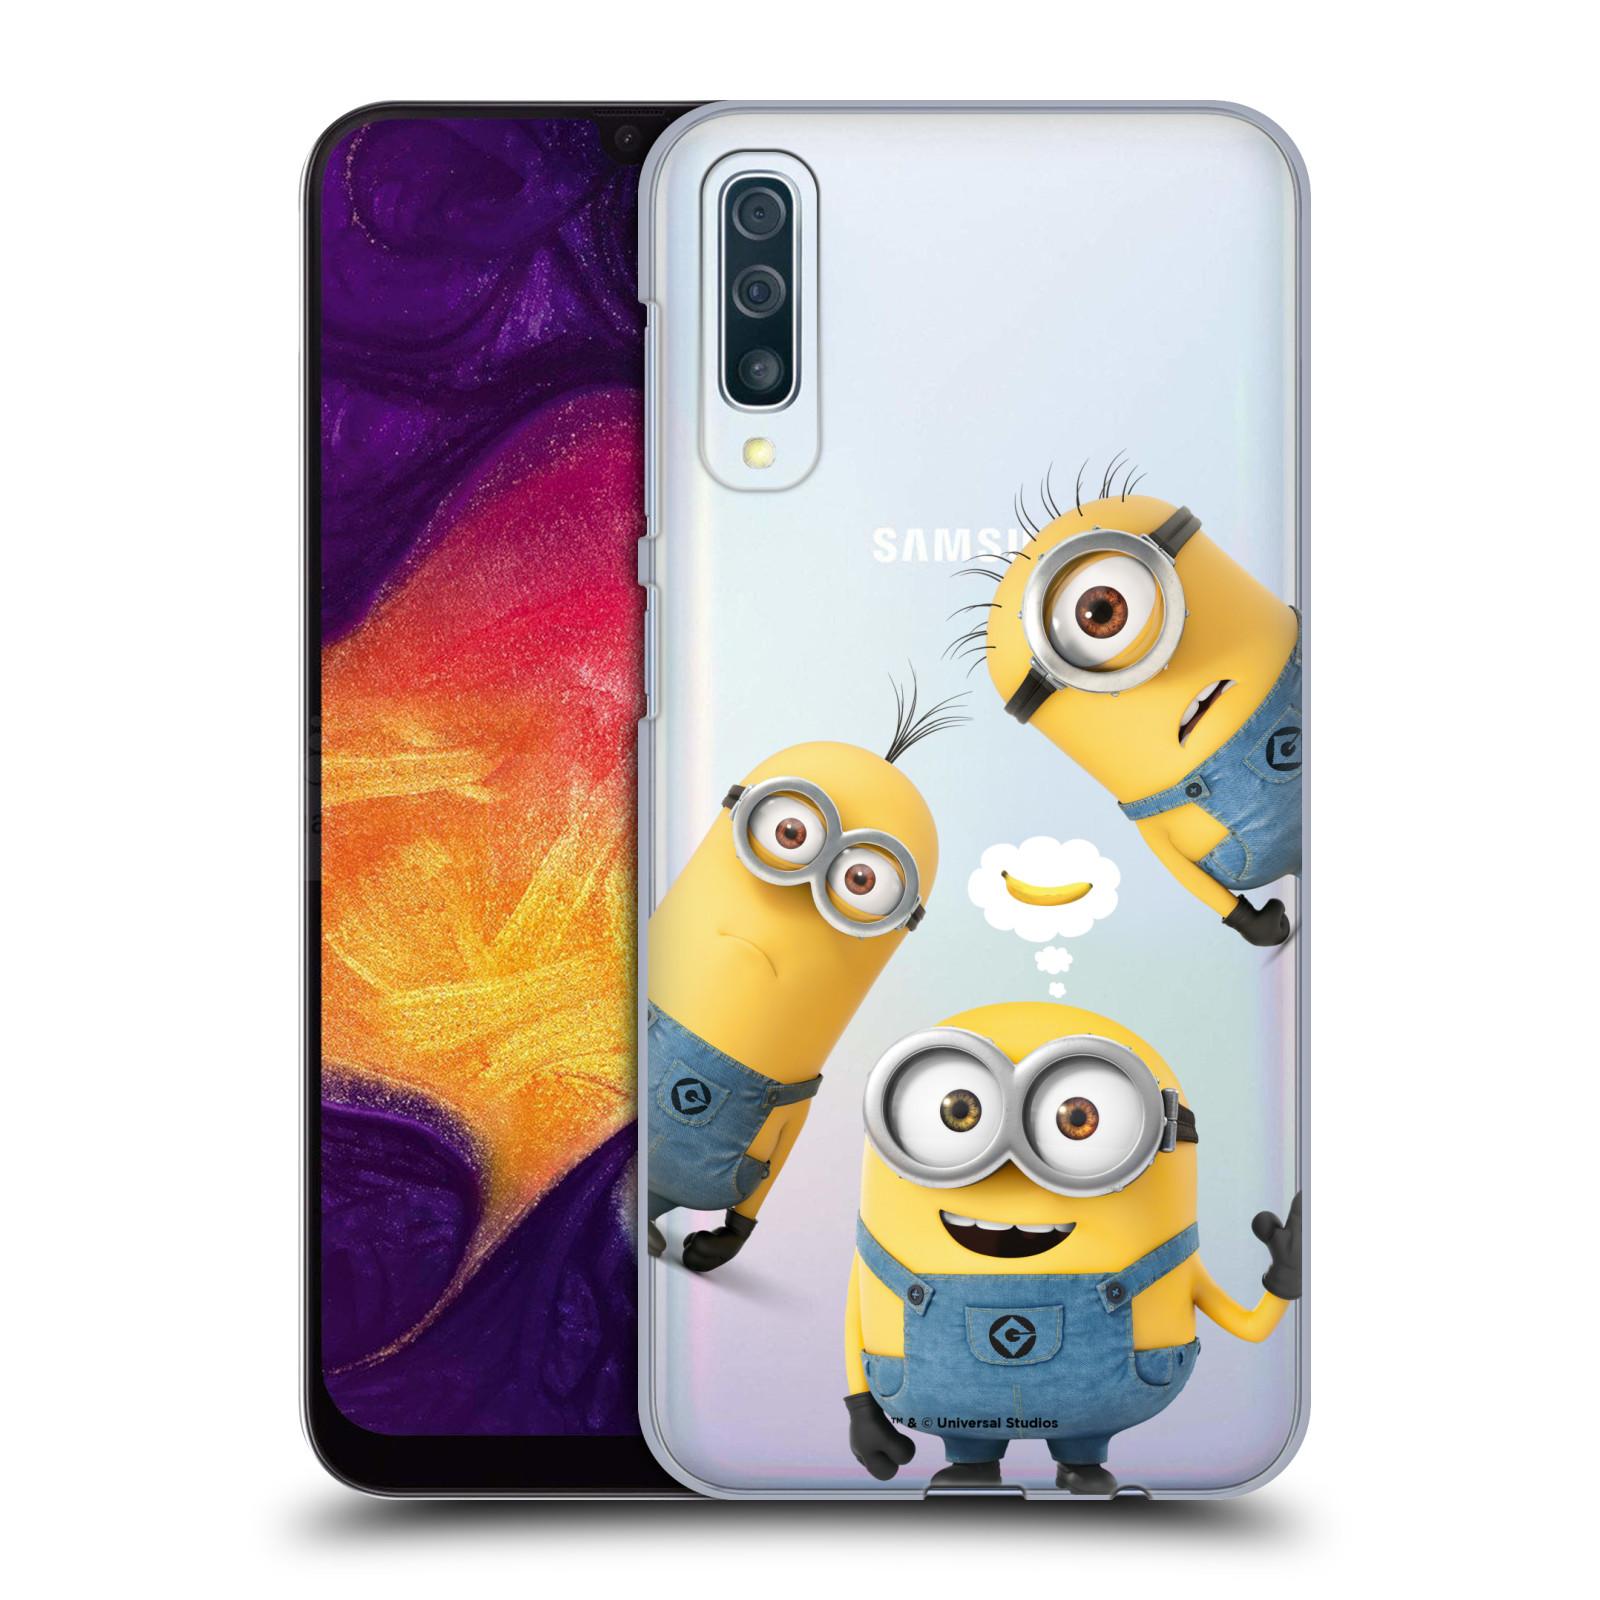 Plastové pouzdro na mobil Samsung Galaxy A50 - Head Case - Mimoni Banana z filmu Já, padouch - Despicable Me